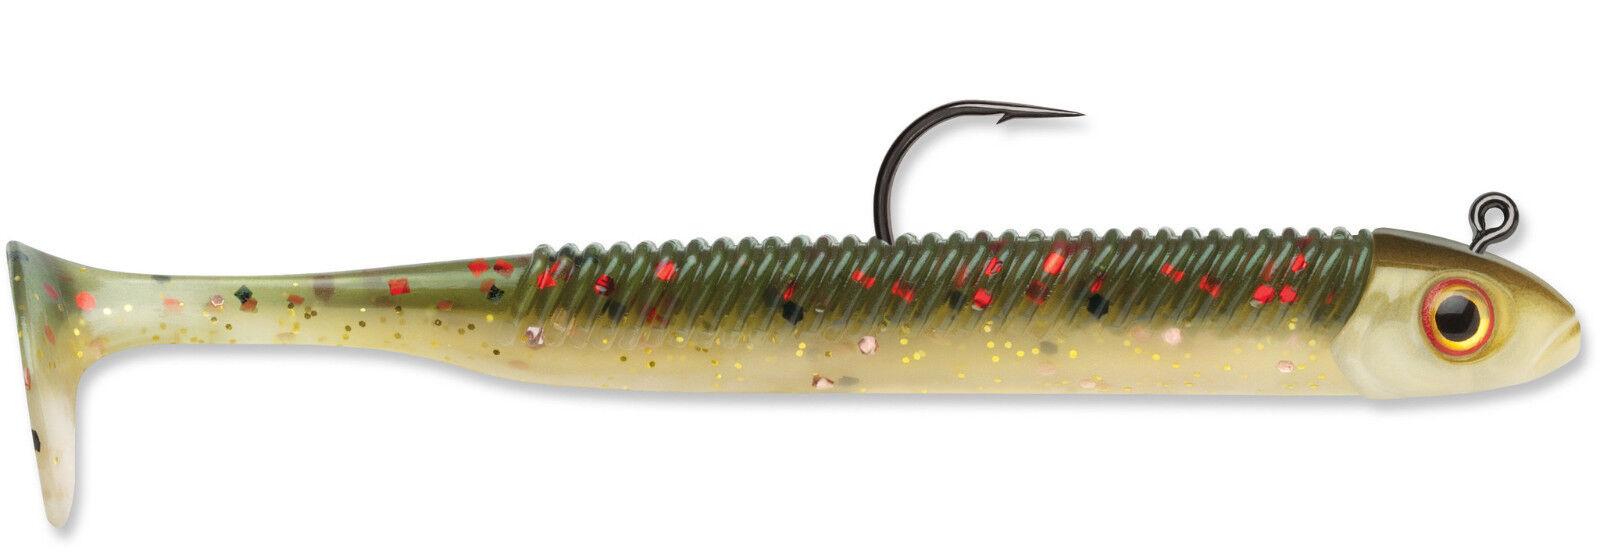 Yoshikawa Fishing Swimbaits Wiggle Shad 2.76-3.15/'/' Soft Plastic Lure Bass Perch